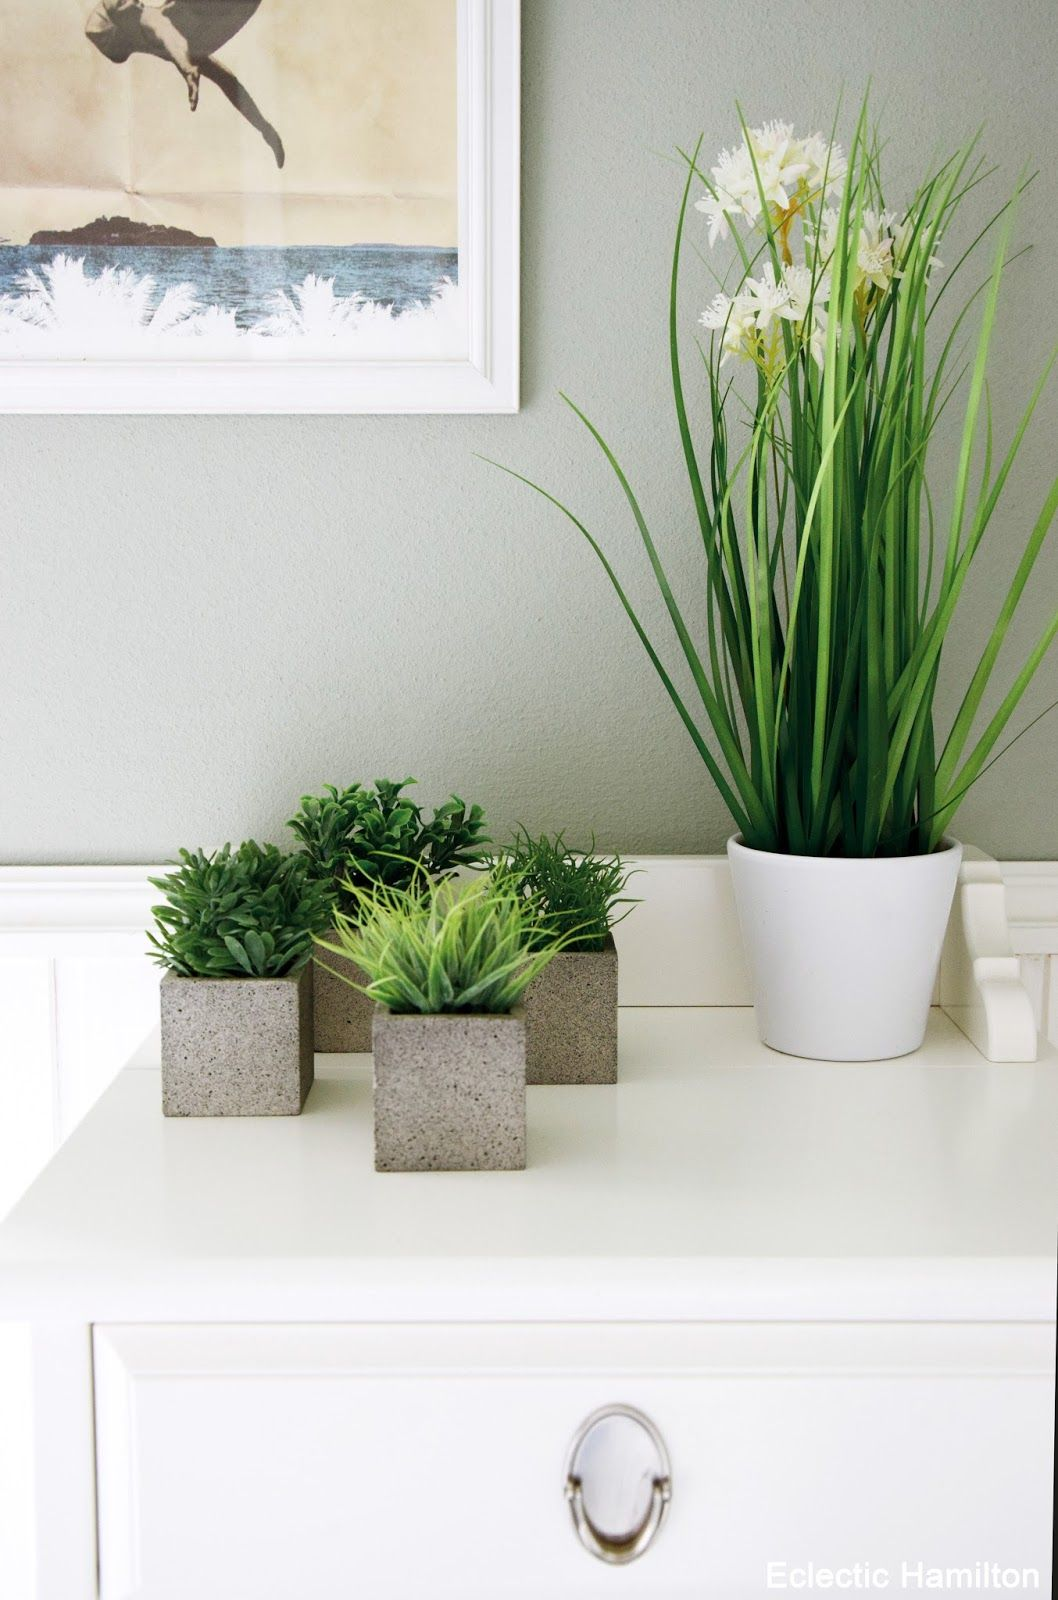 Pflanzen für badezimmer  badezimmerpflanzen | hauenstein rafz. pflanzen fürs bad gesucht ...